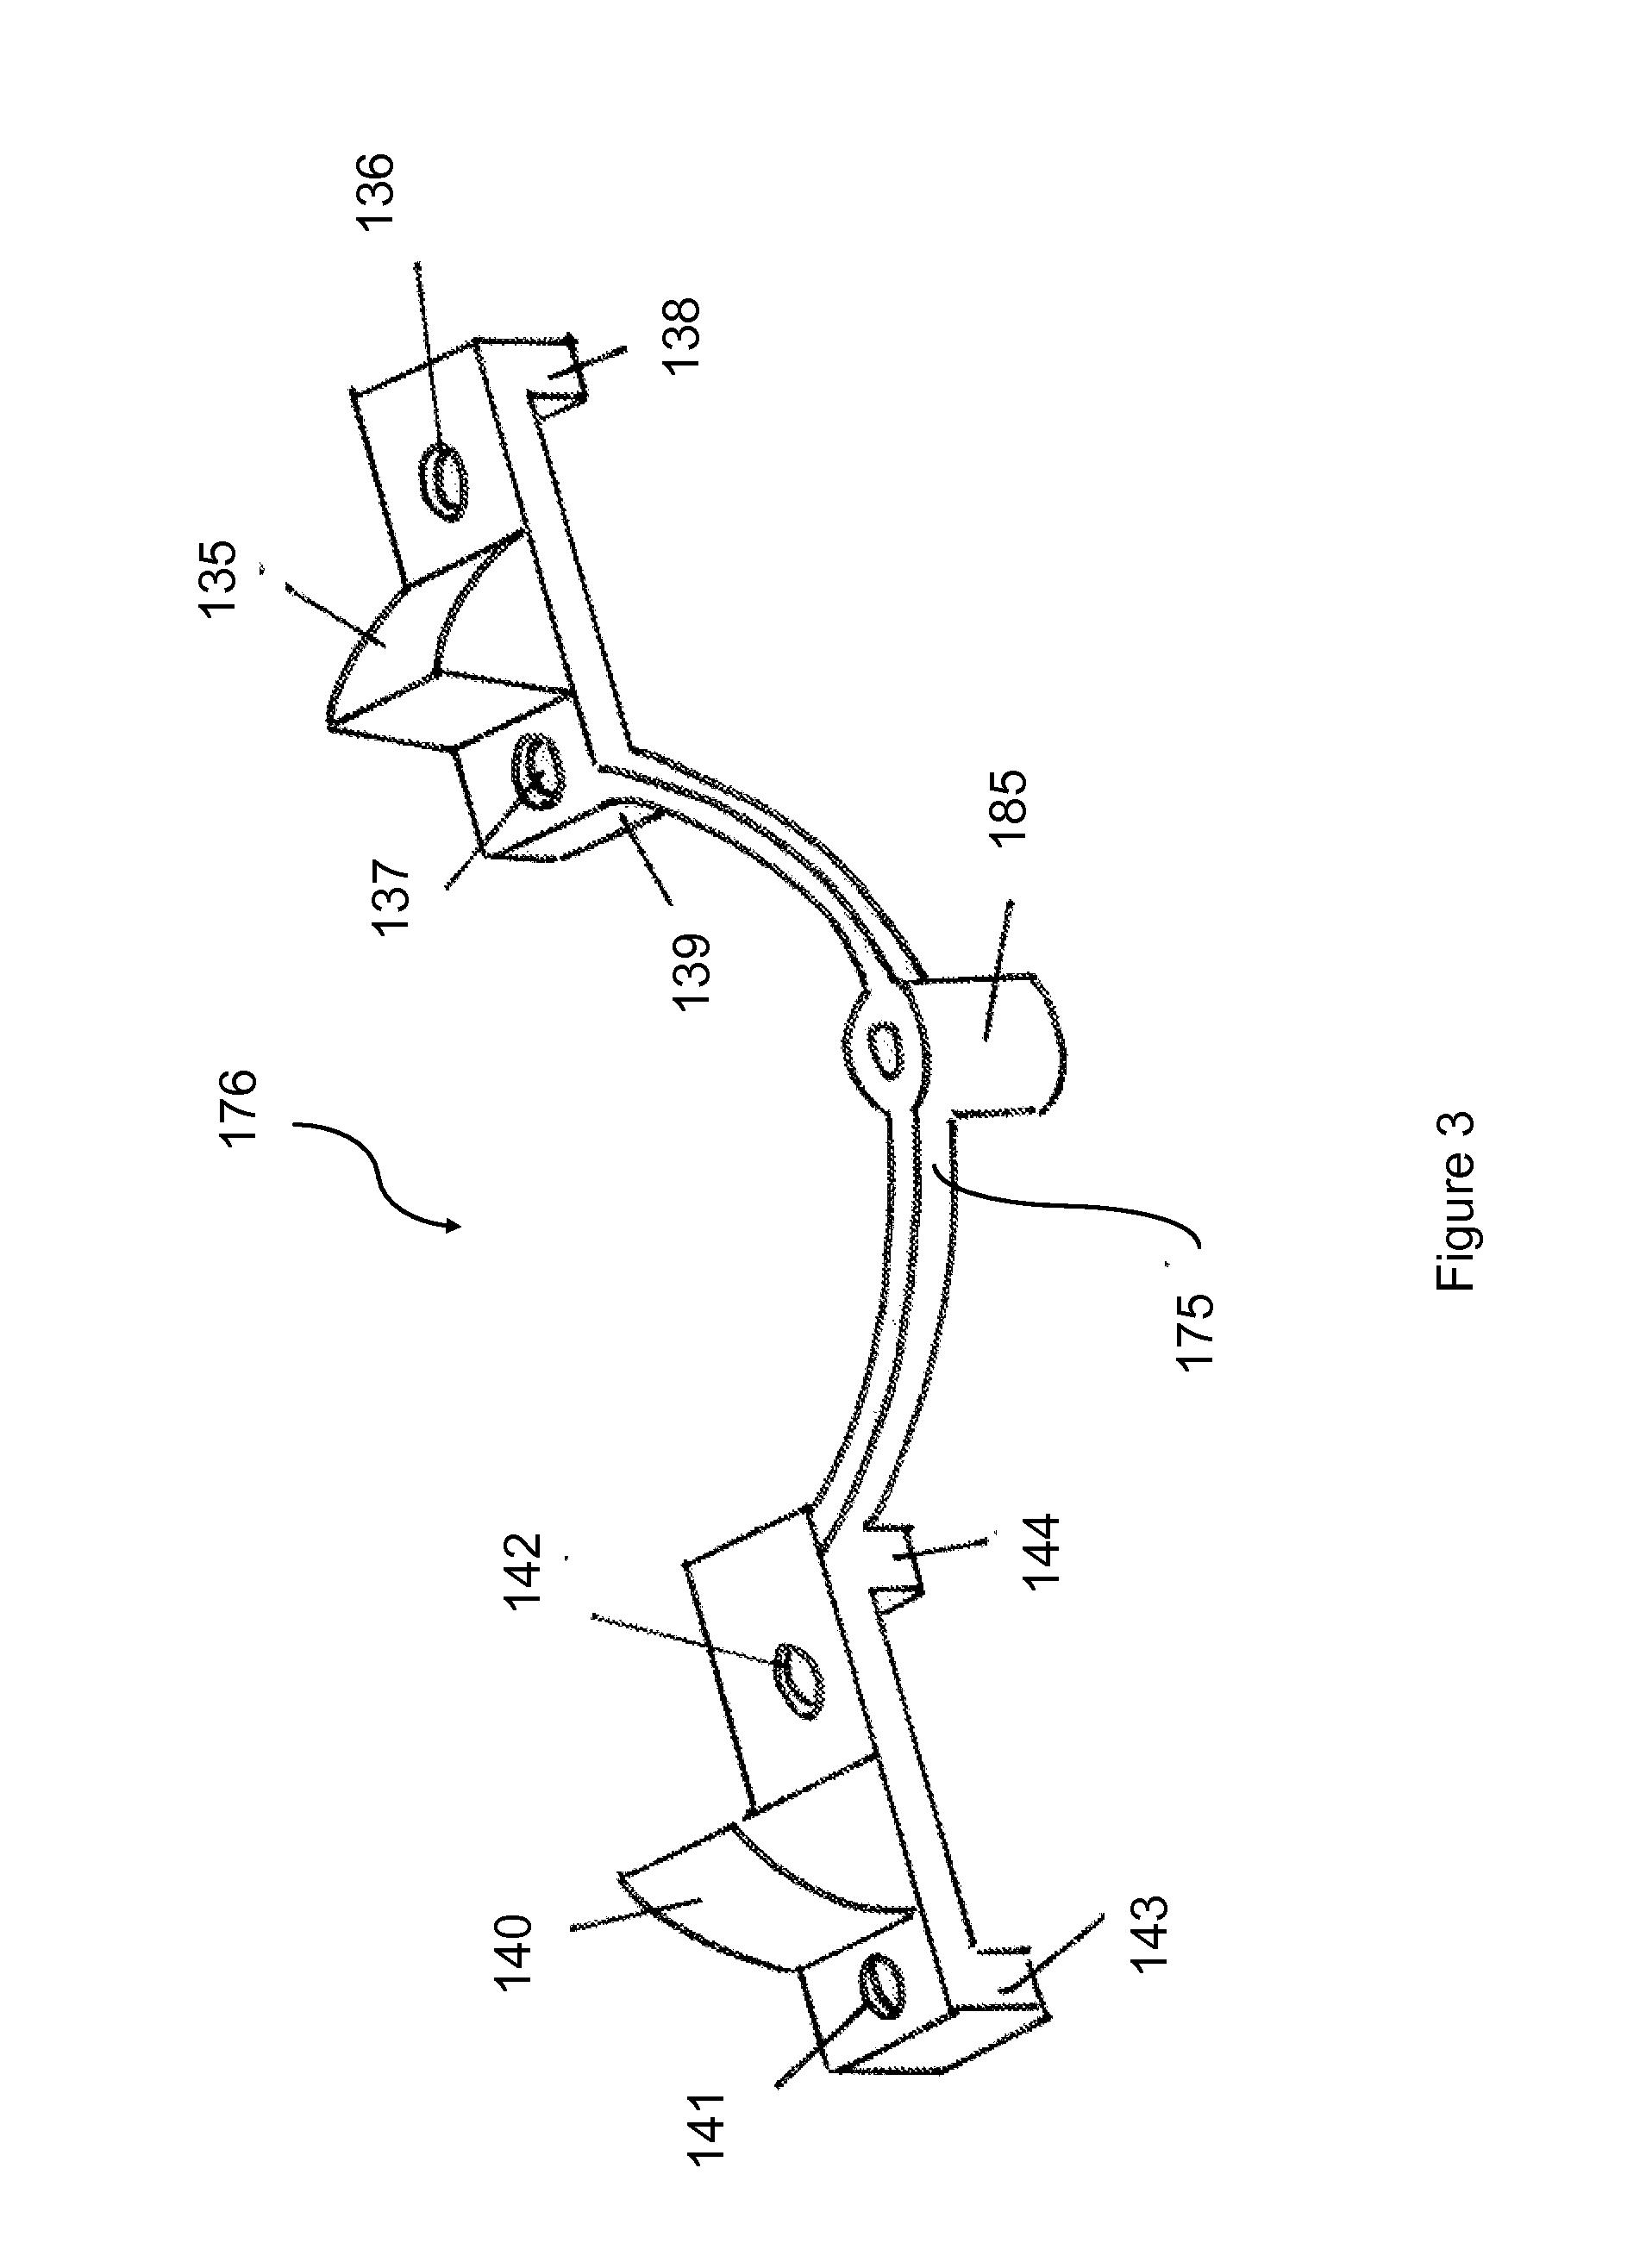 klipsch speakers wiring diagrams